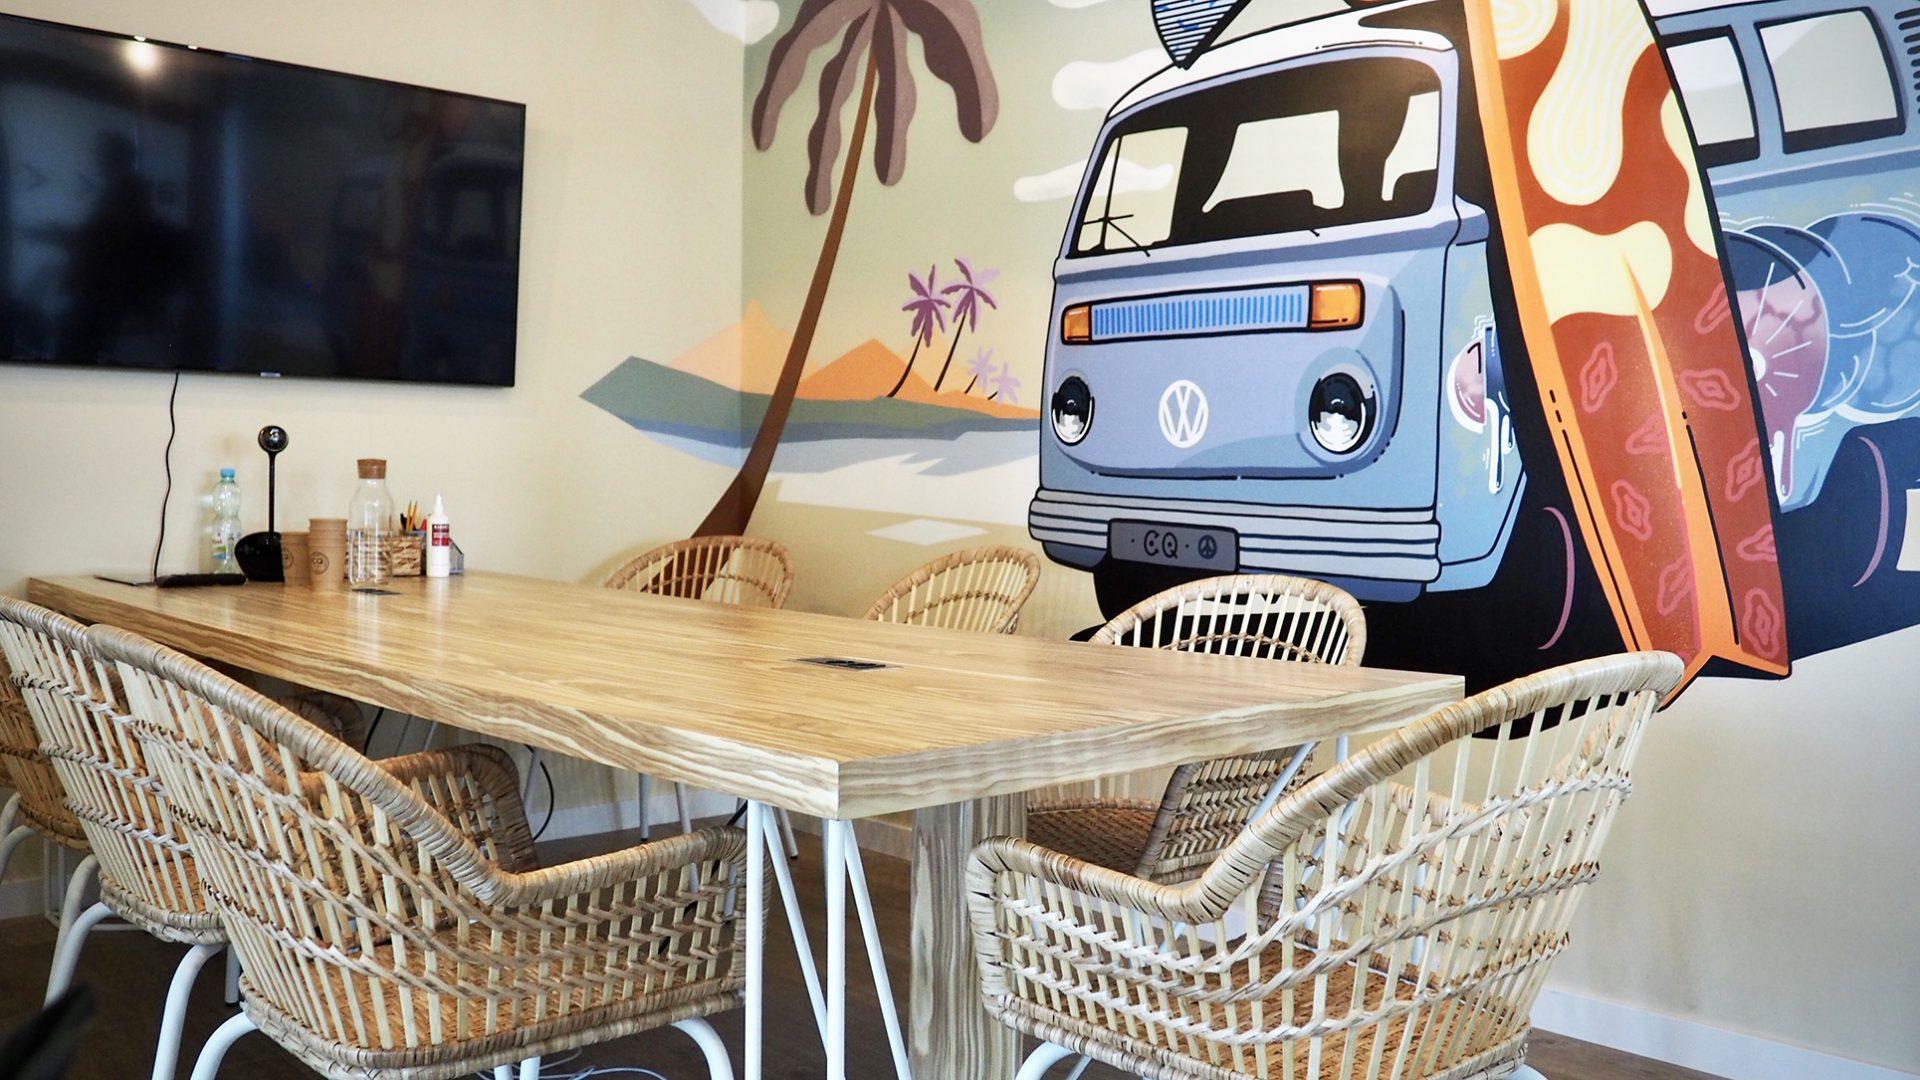 Картинка переговорной комнаты с граффити surf van